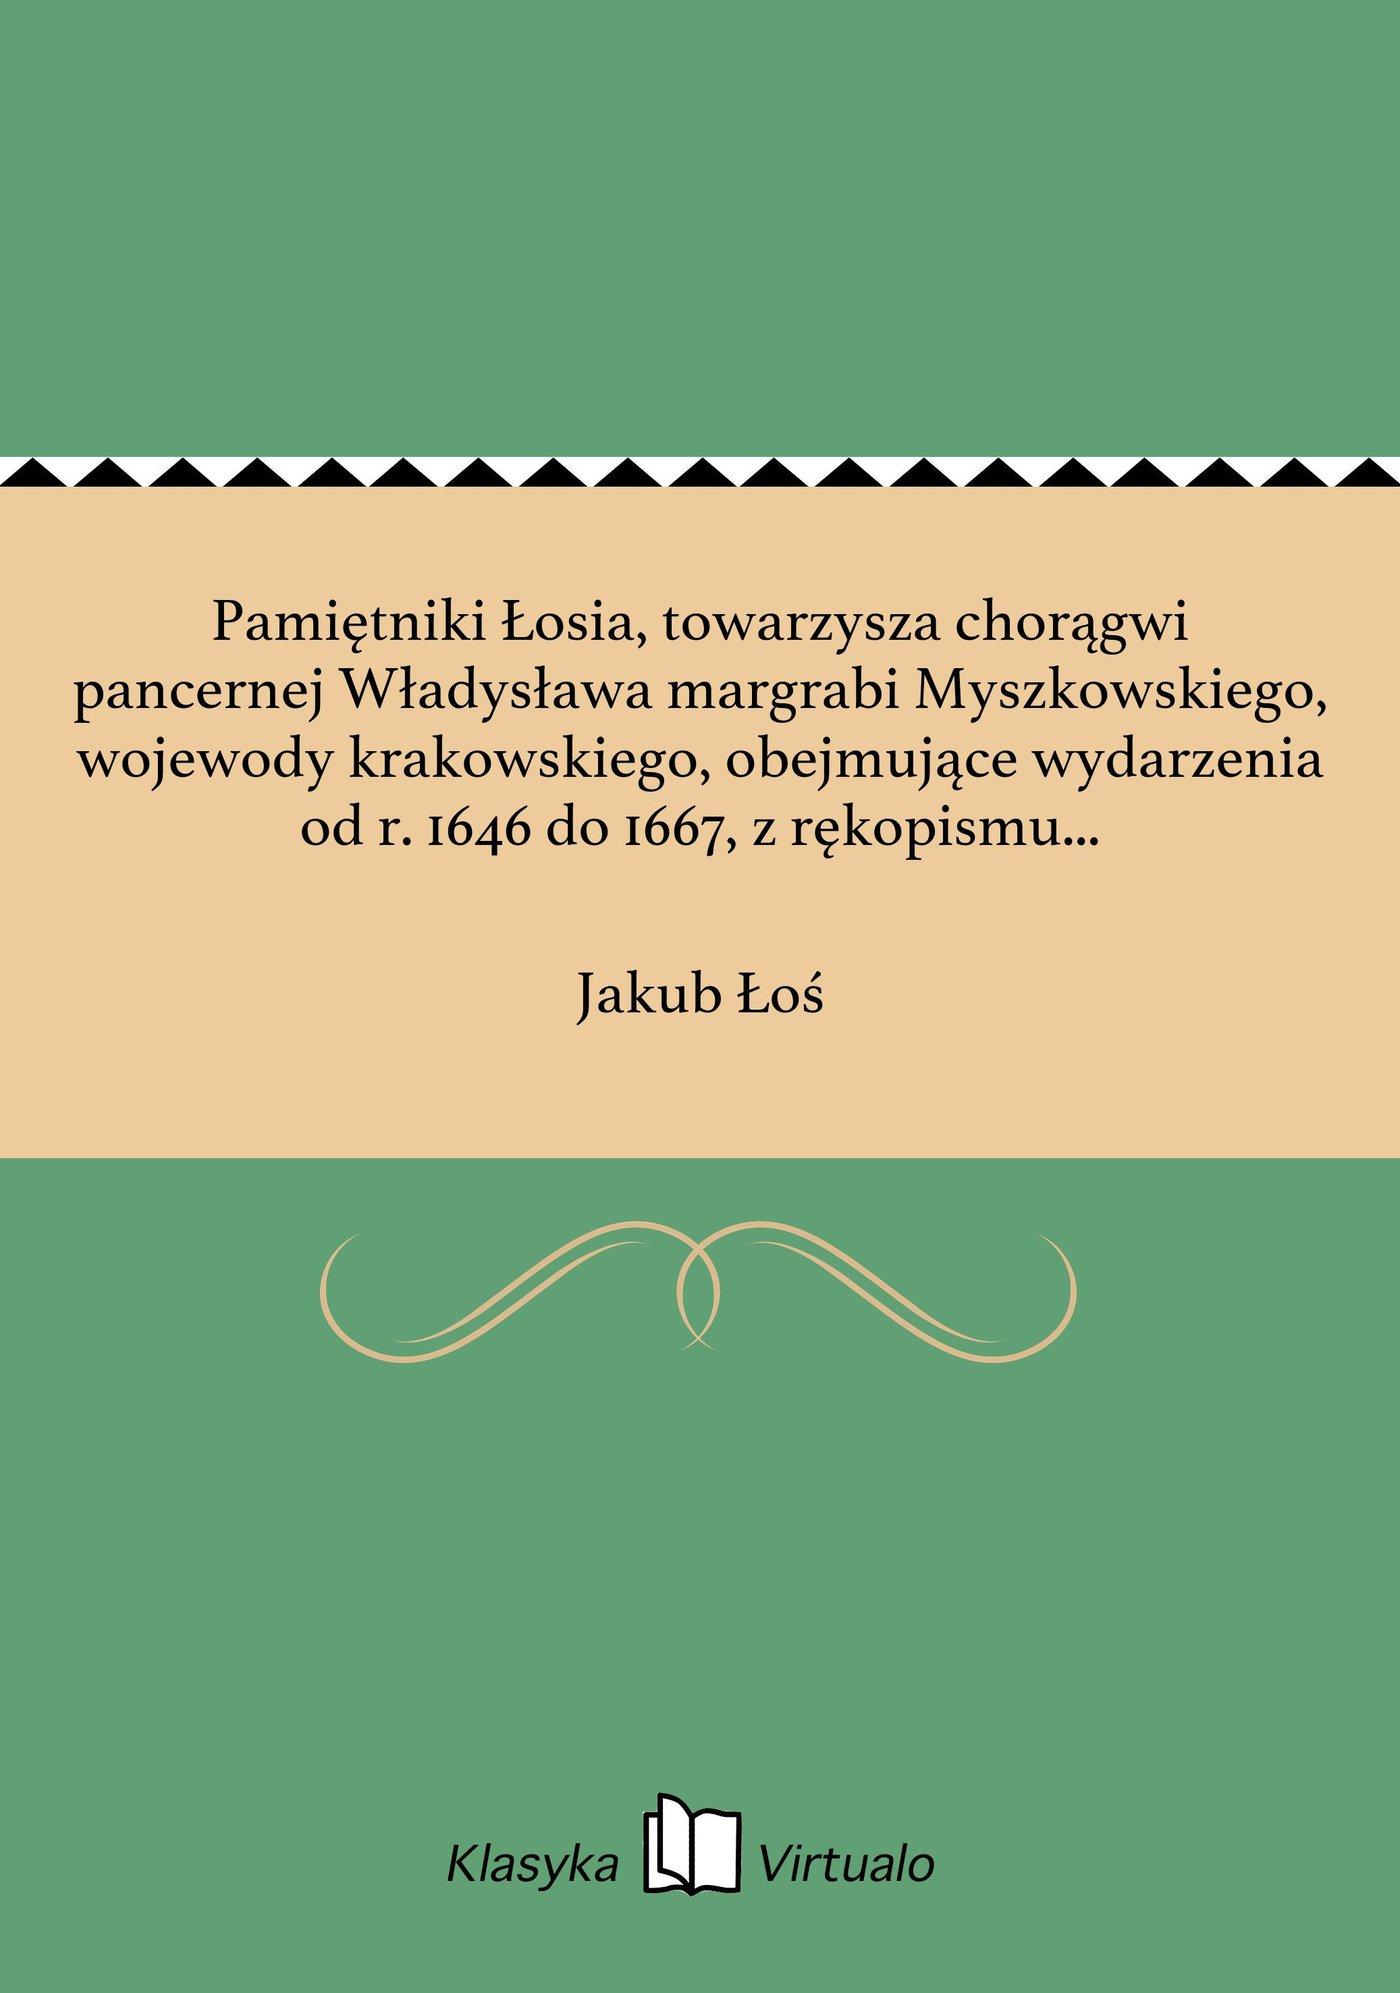 Pamiętniki Łosia, towarzysza chorągwi pancernej Władysława margrabi Myszkowskiego, wojewody krakowskiego, obejmujące wydarzenia od r. 1646 do 1667, z rękopismu współczesnego, dochowanego w zamku podhoreckim, wydane - Ebook (Książka EPUB) do pobrania w formacie EPUB